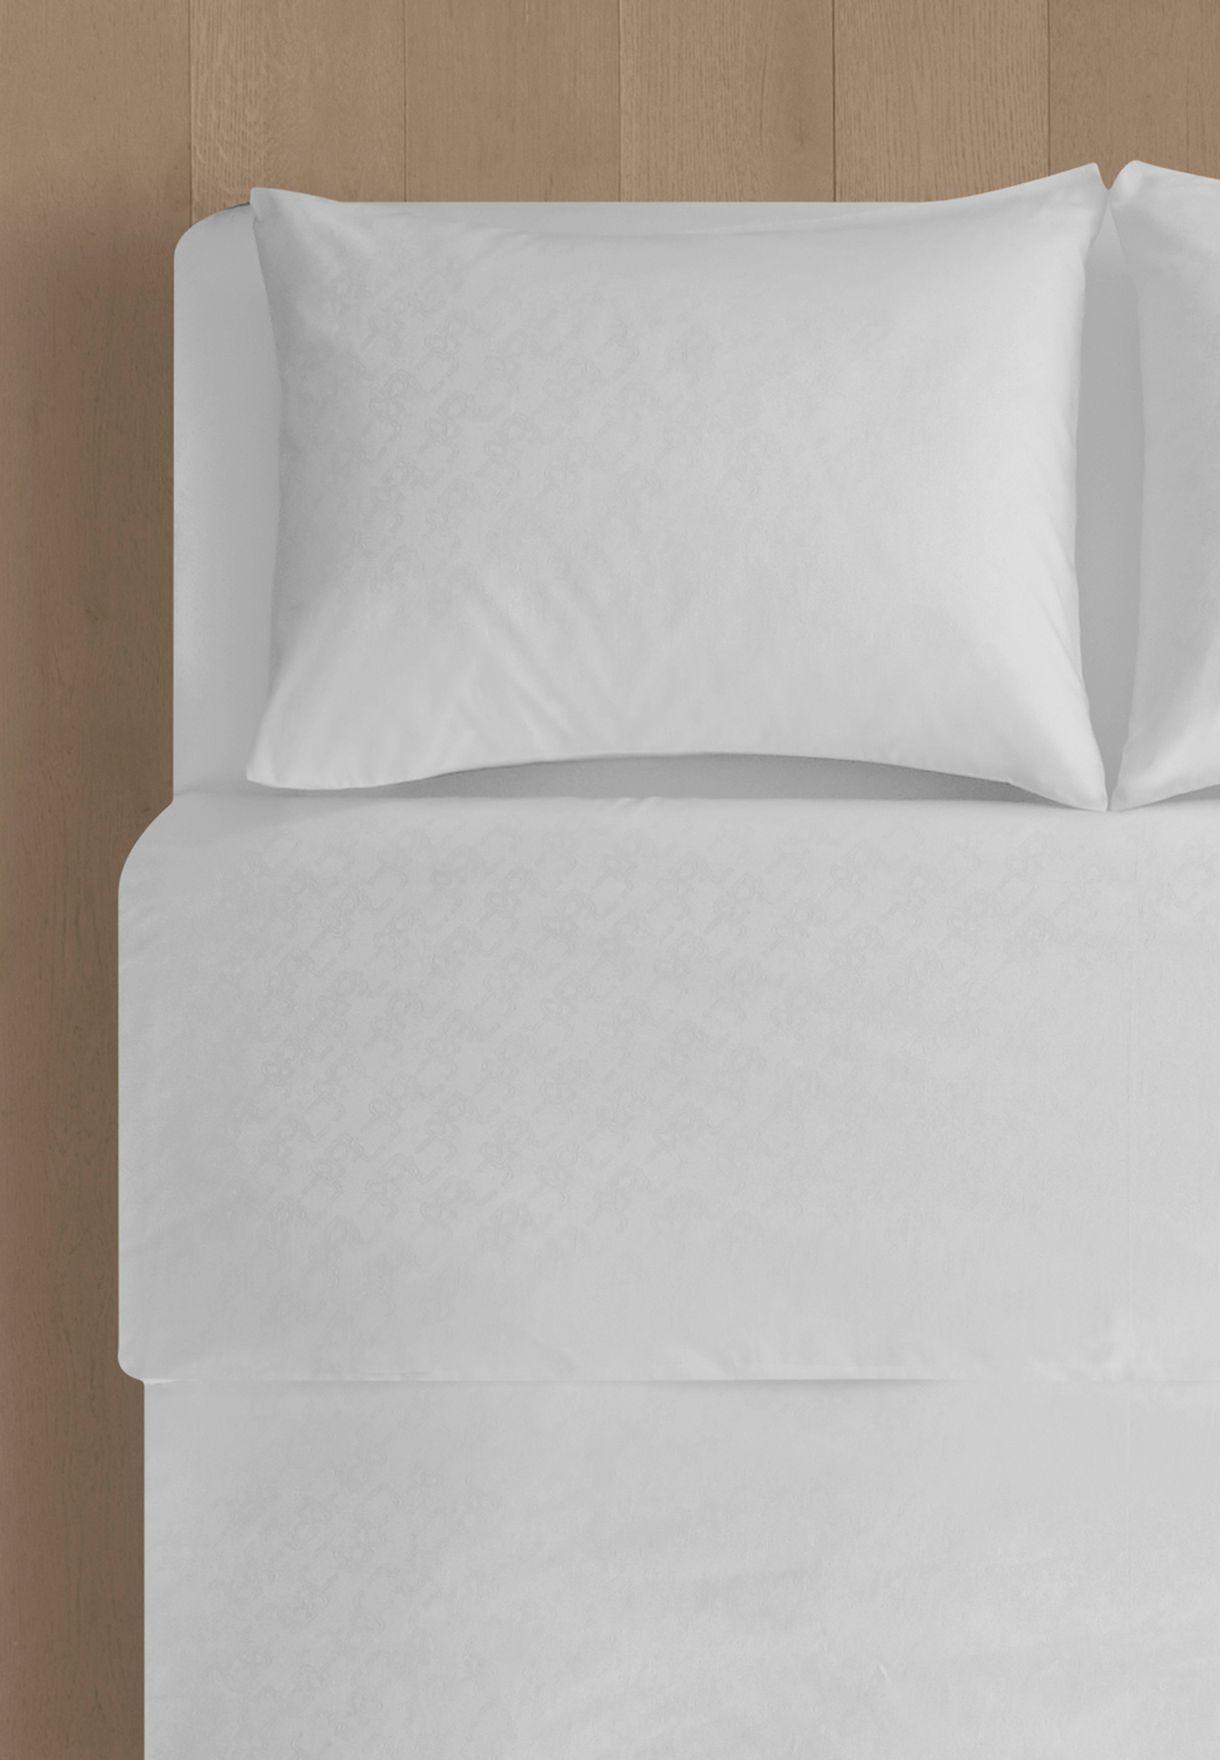 غطاء لحاف- 240 × 260 سم